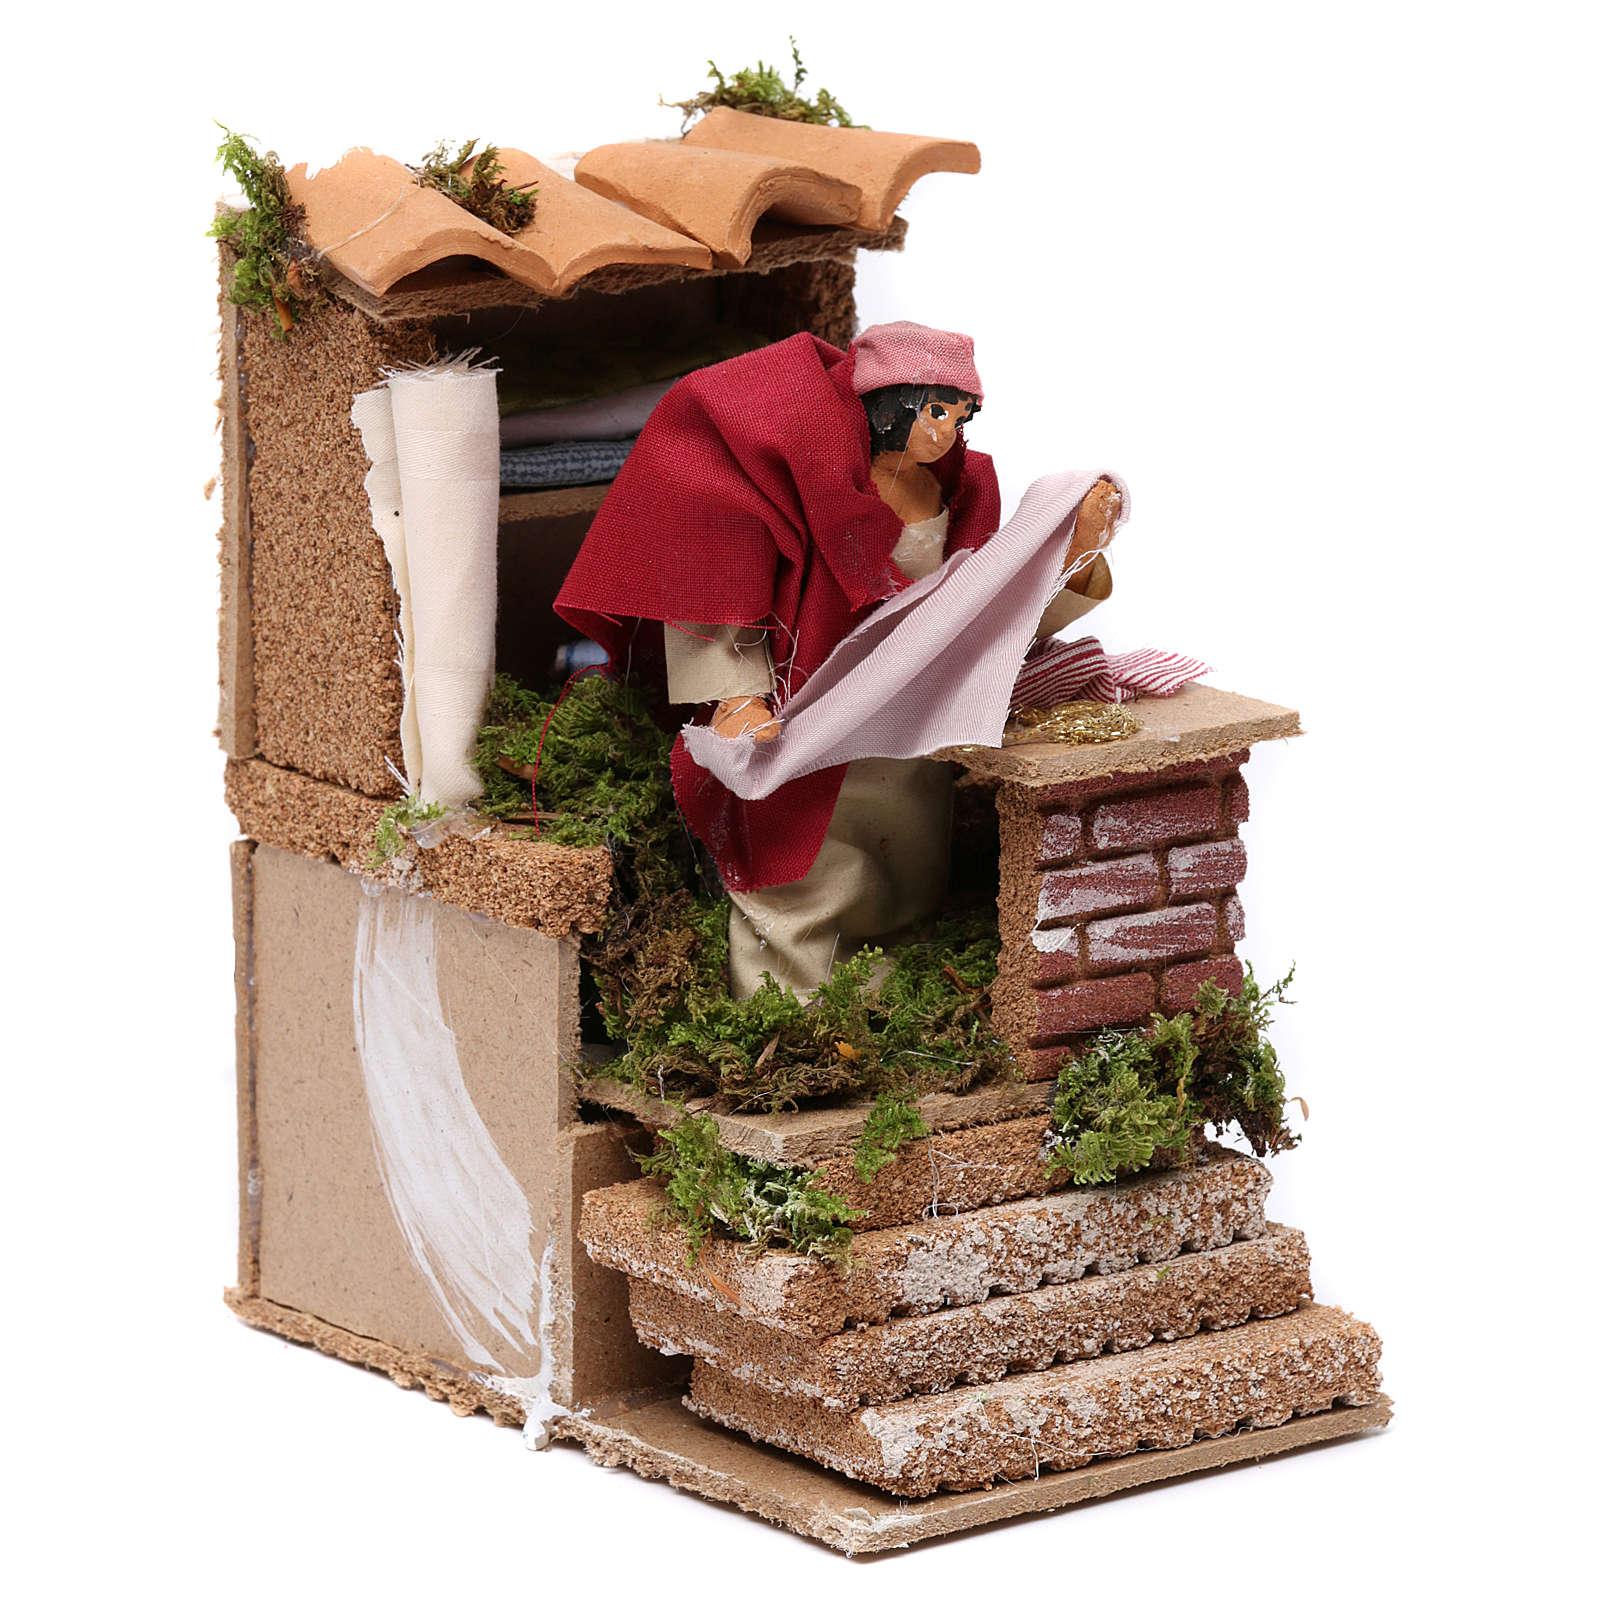 Animated drapper scene for Nativity Scene 10cm 3